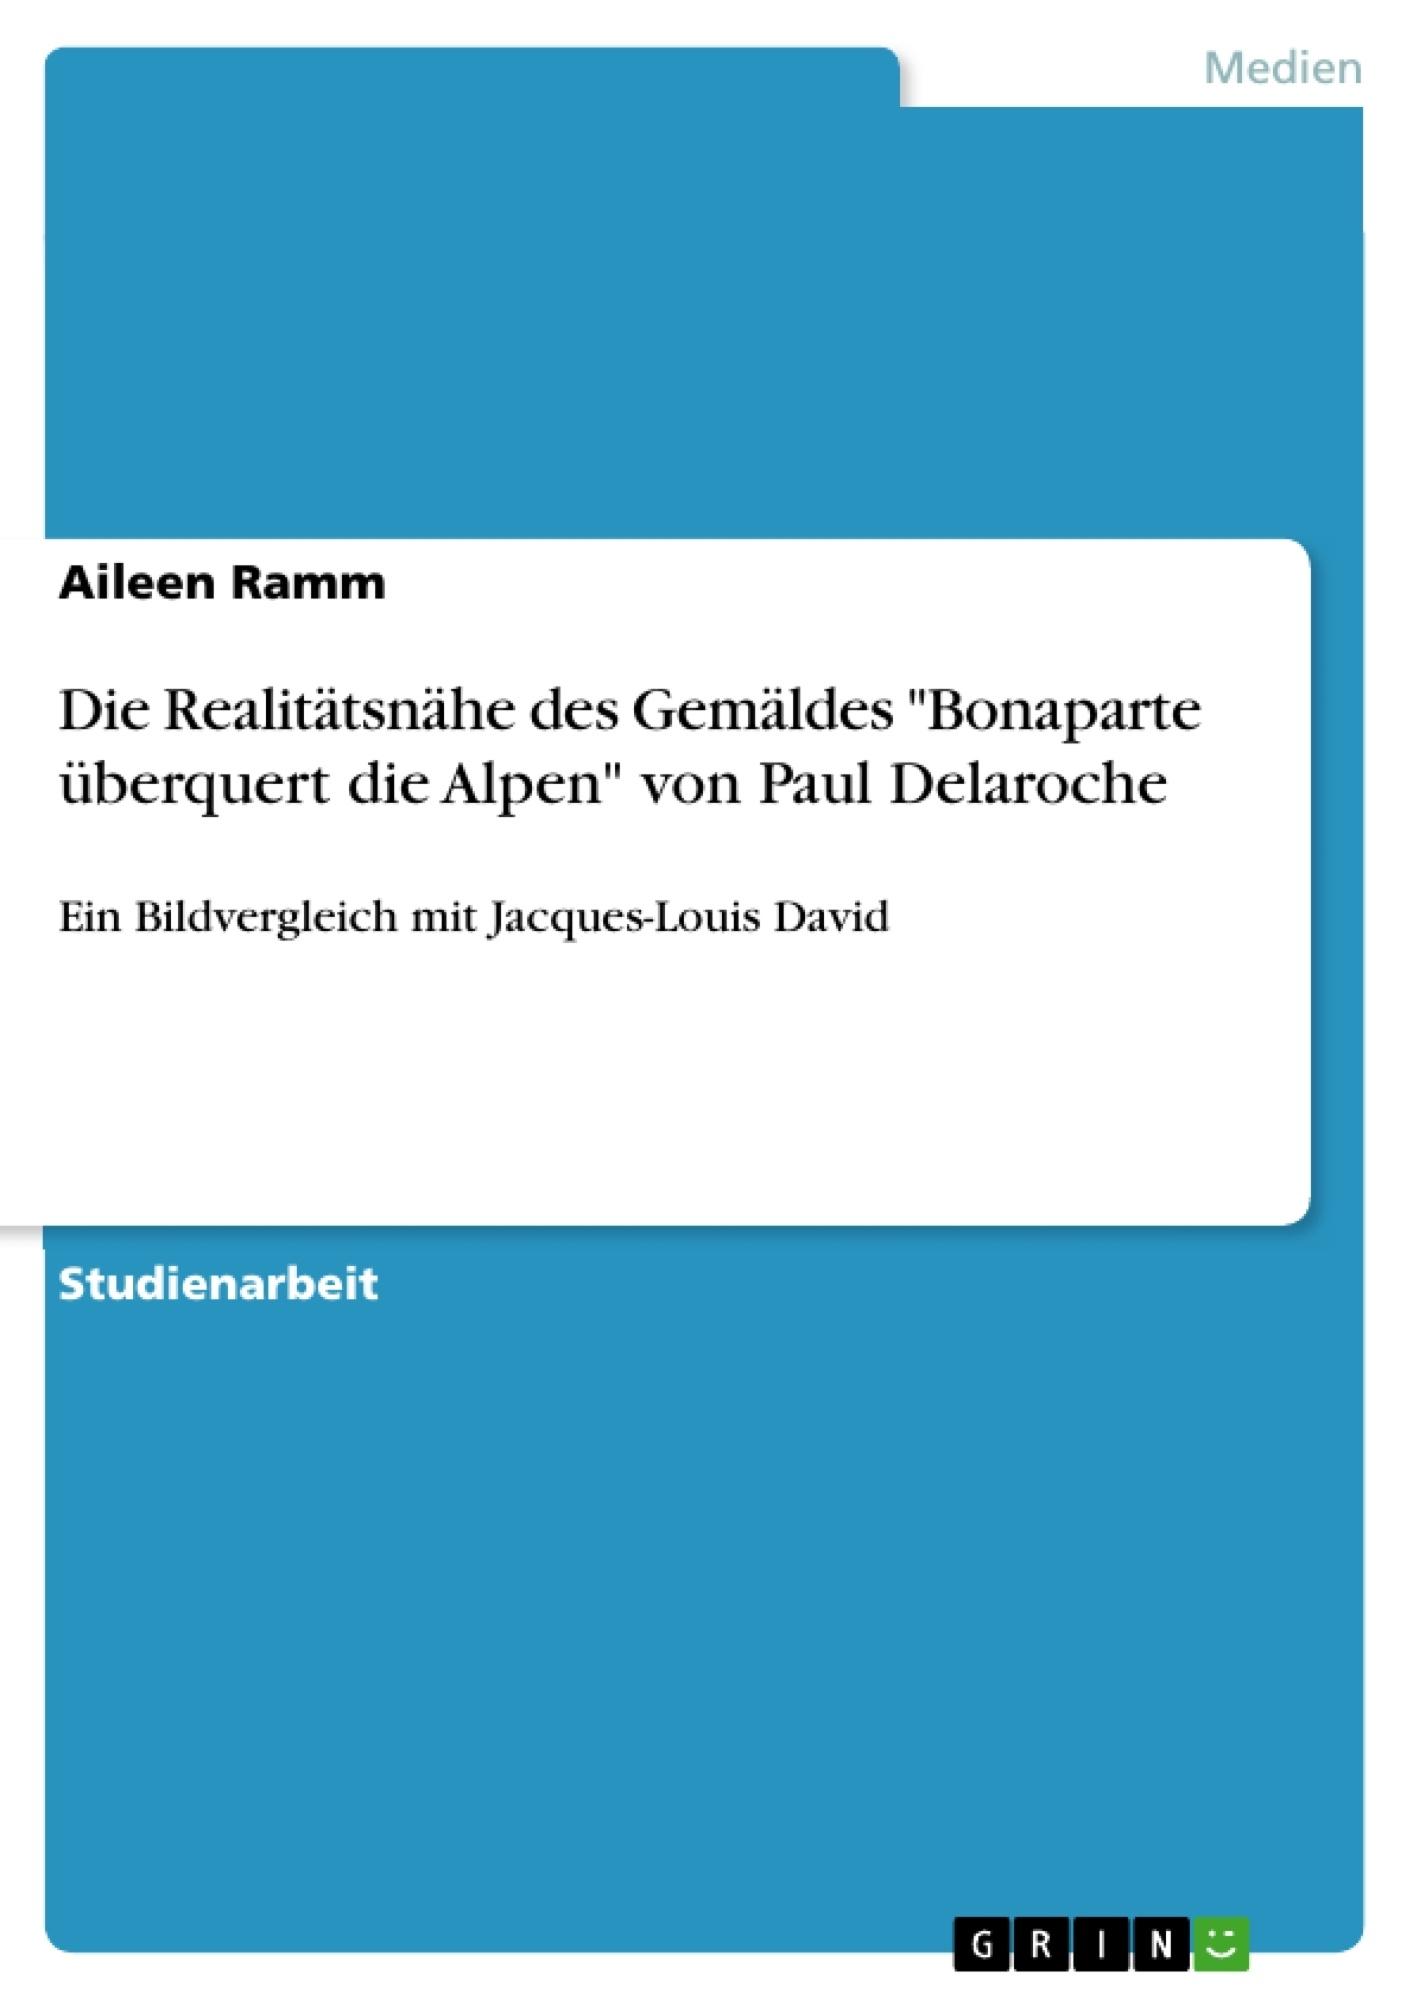 """Titel: Die Realitätsnähe des Gemäldes """"Bonaparte überquert die Alpen"""" von Paul Delaroche"""